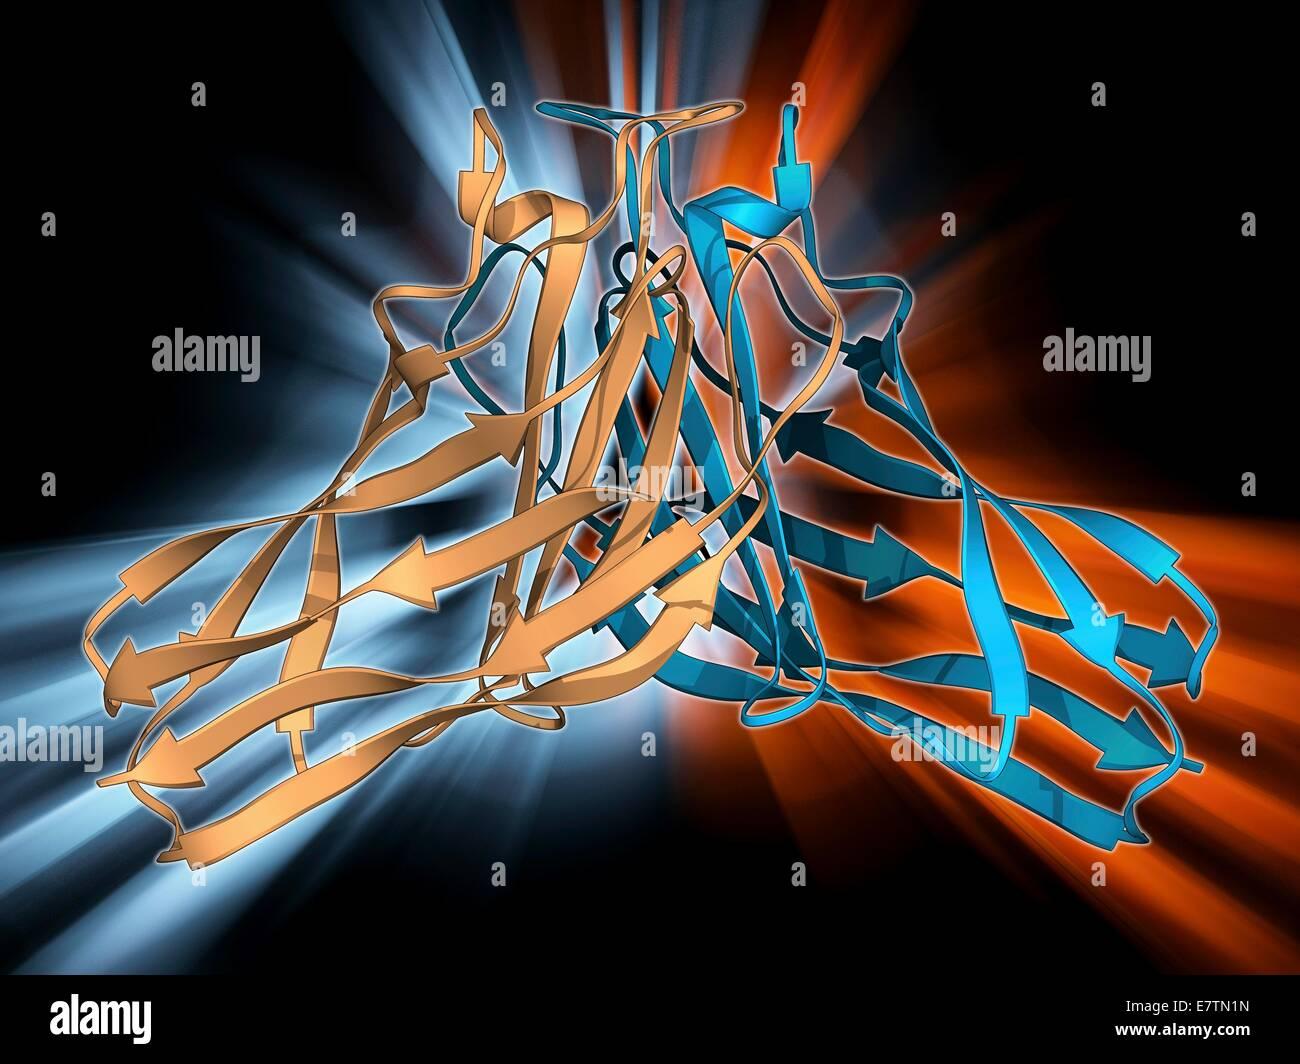 Cellulosome-Integration von Protein-Fragment. Molekülmodell des Geschäftsfeldes Zusammenhalt der Cellulosome Stockbild